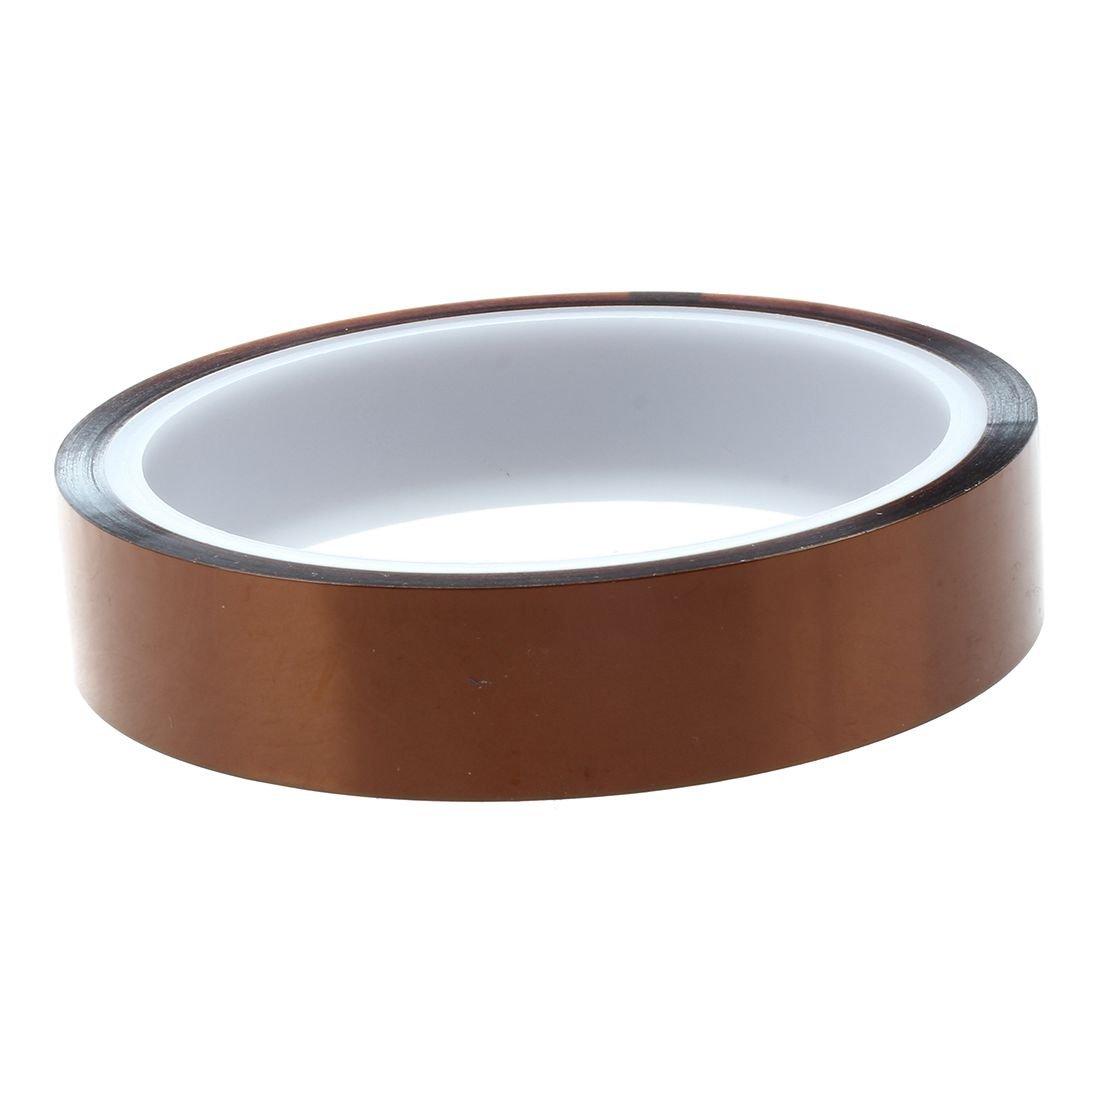 SODIAL(R) 100 pies 33m 20mm Kapton cinta de alta temperatura de calor de poliimida resistente